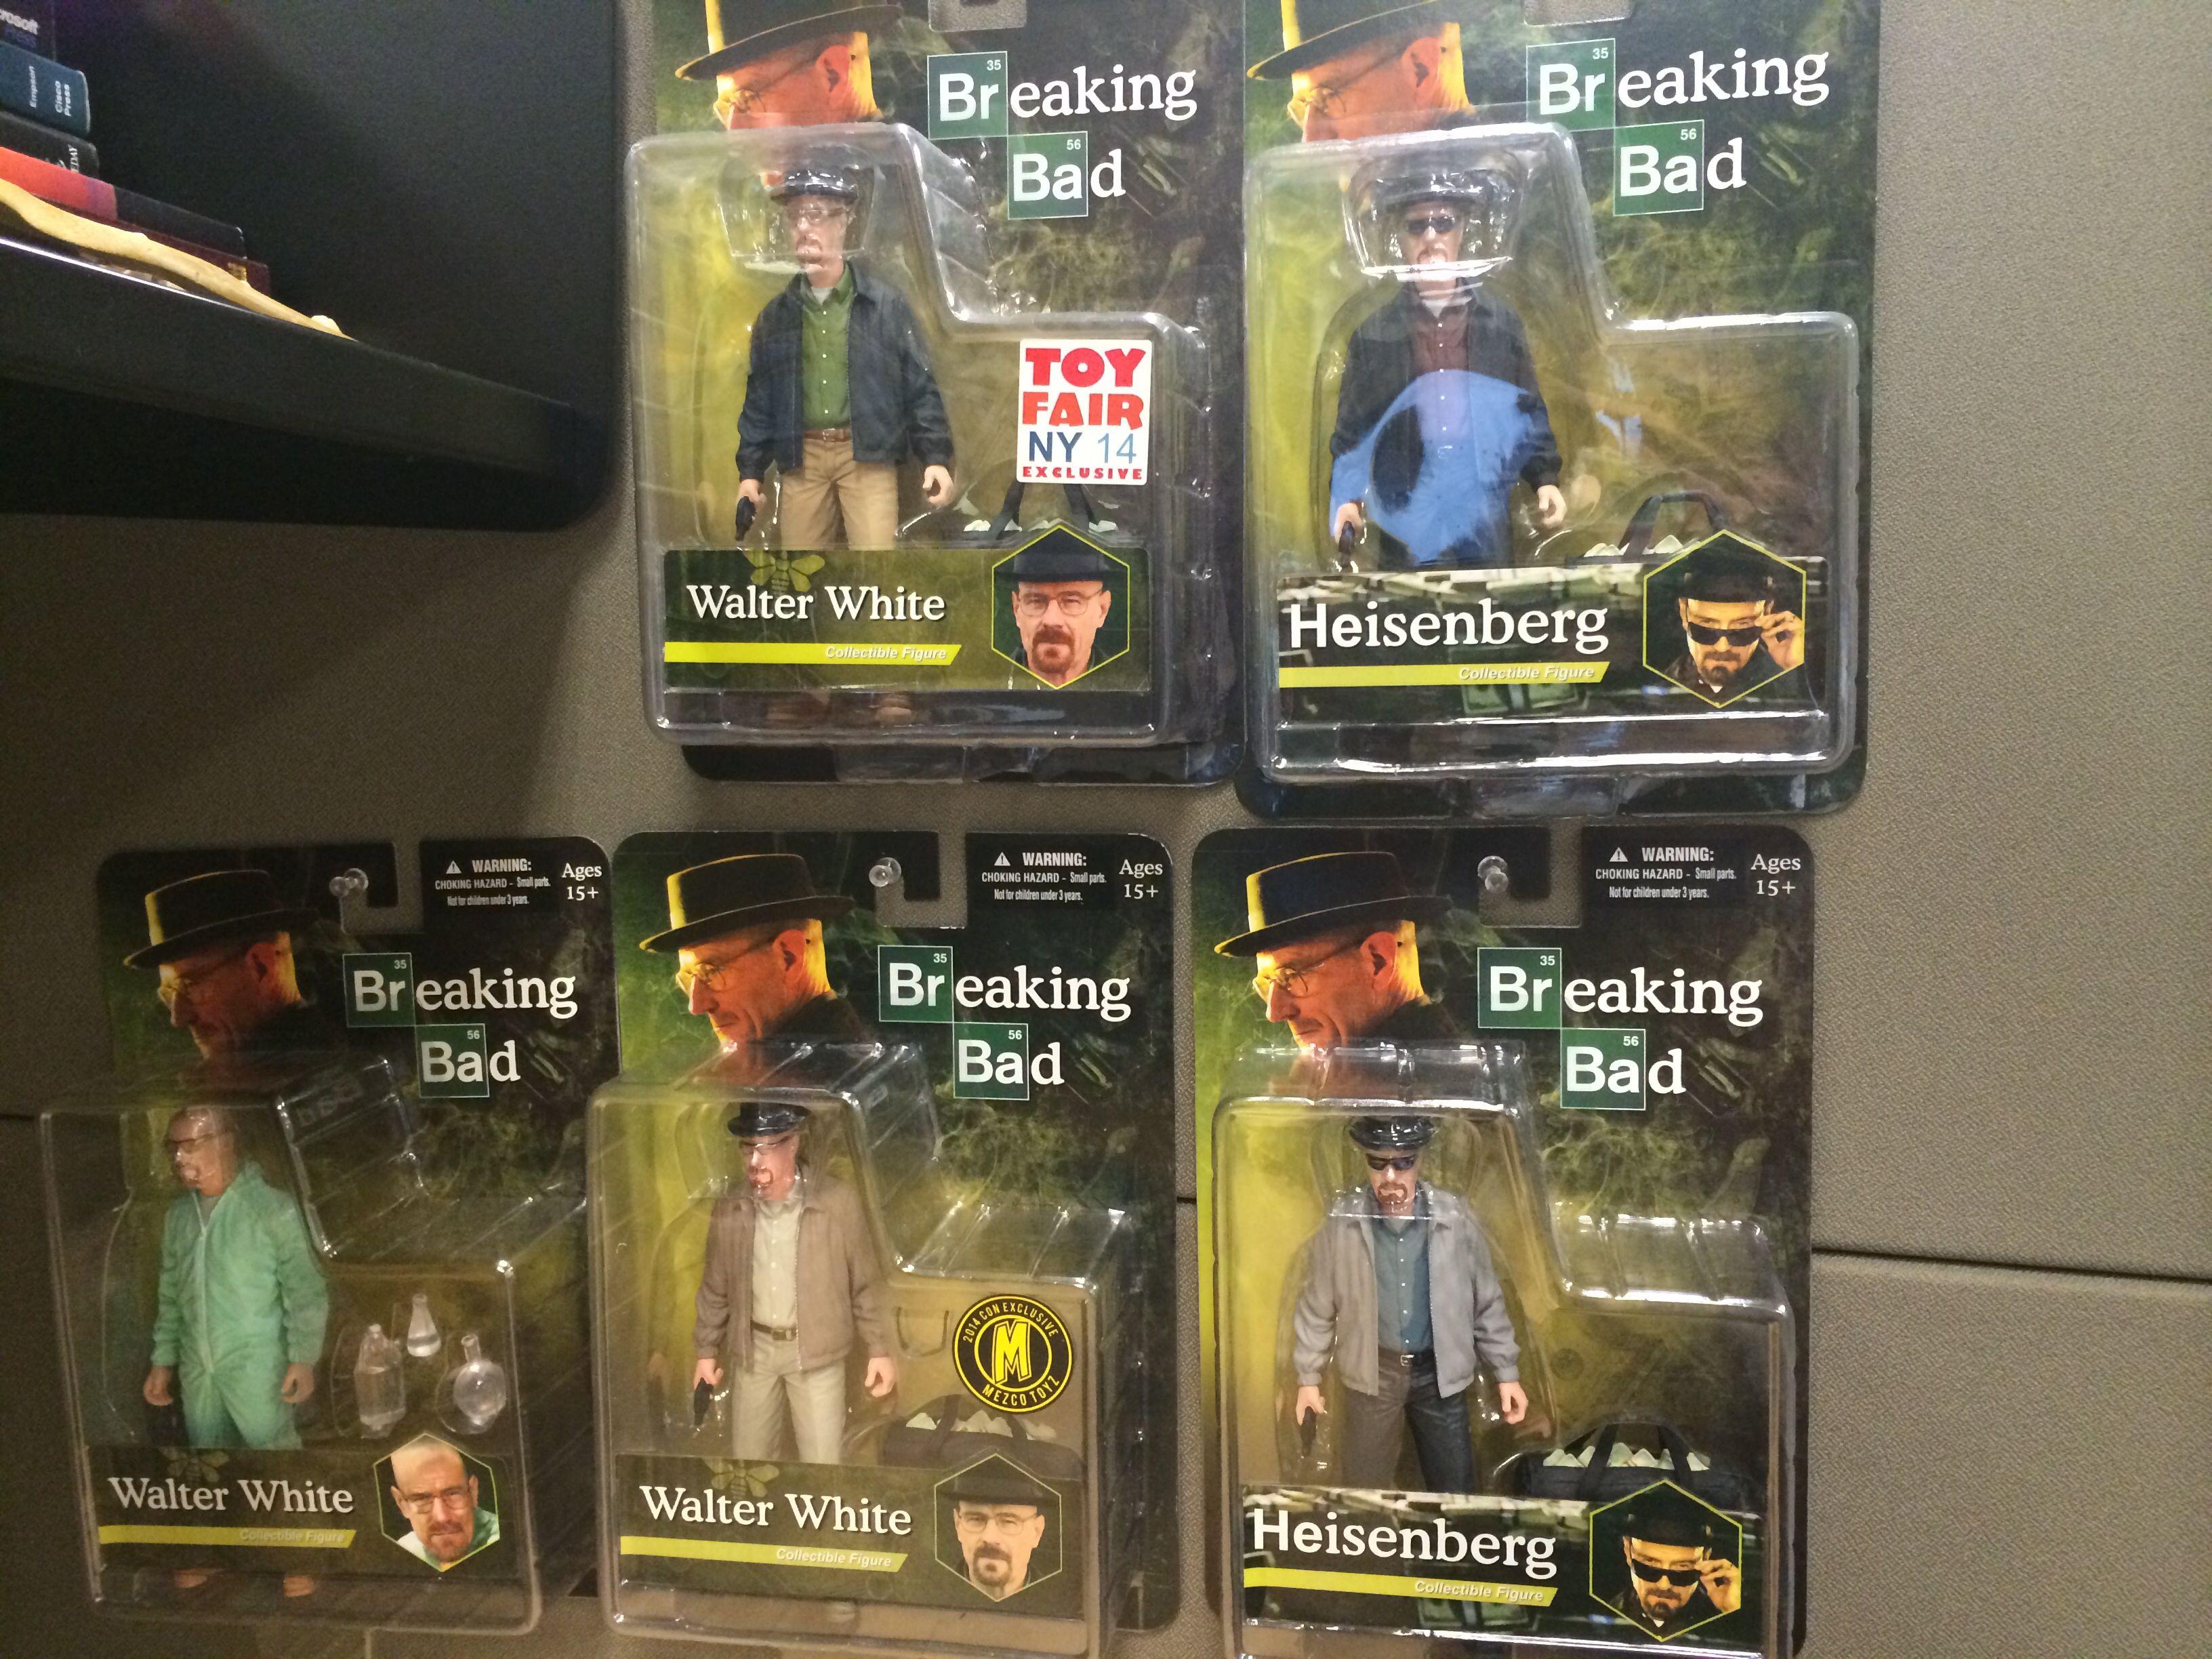 Walter White - Heisenberg